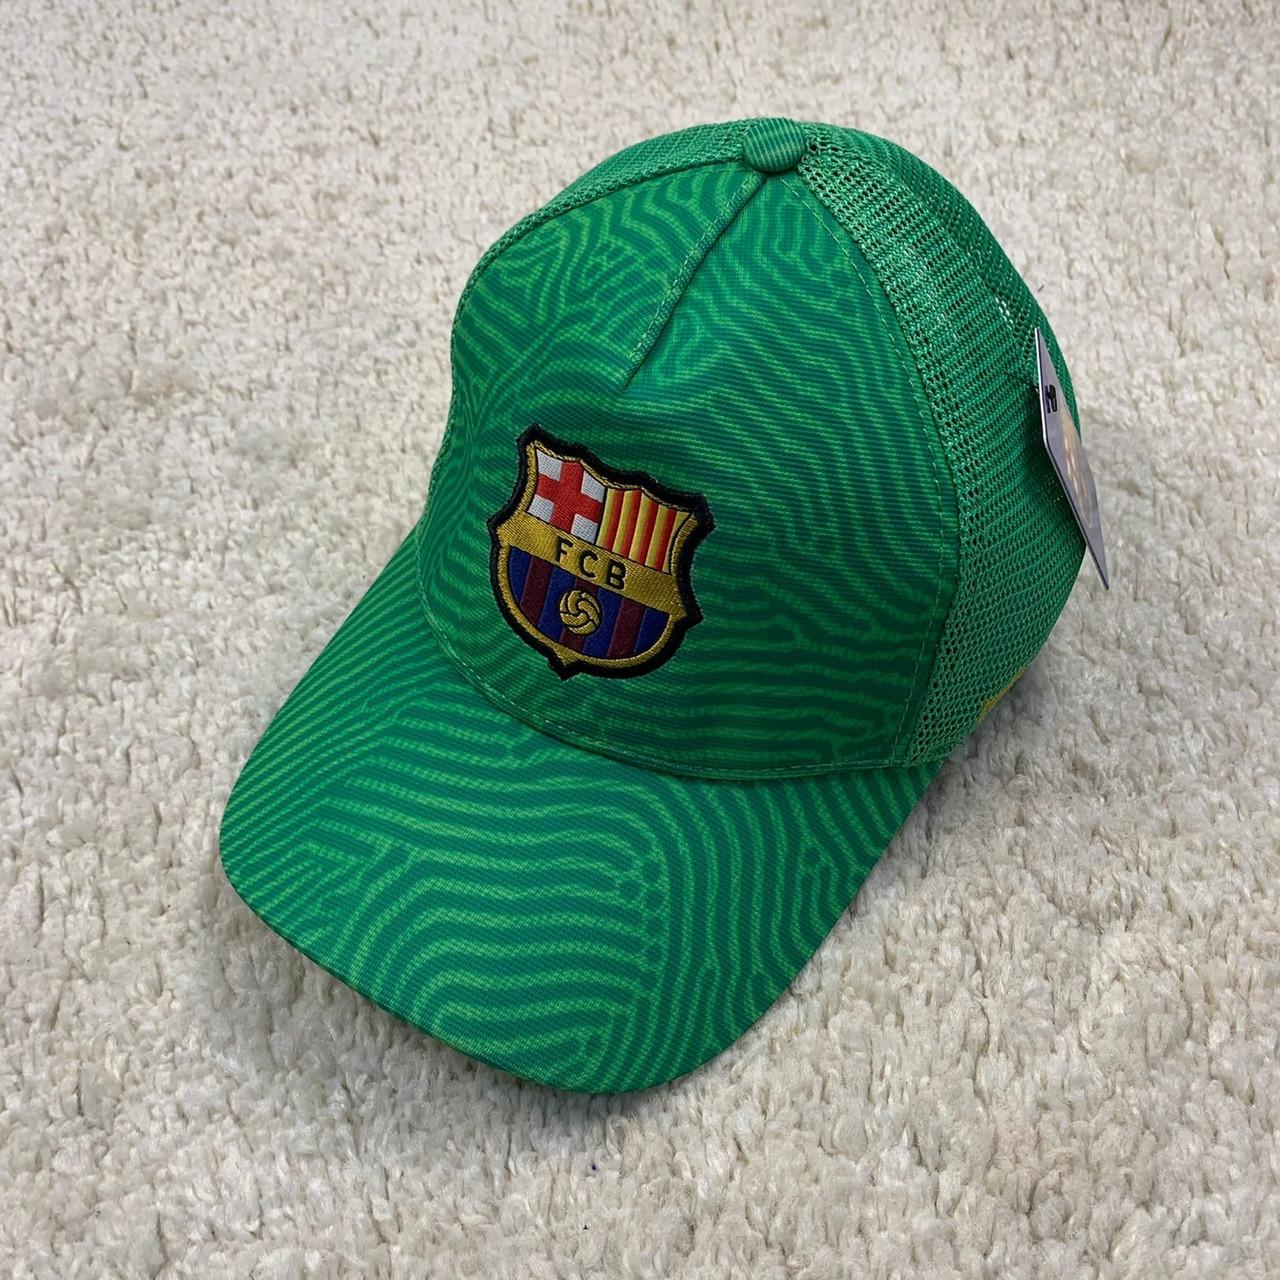 Кепка 20/21 Барселона с сеточкой зеленый